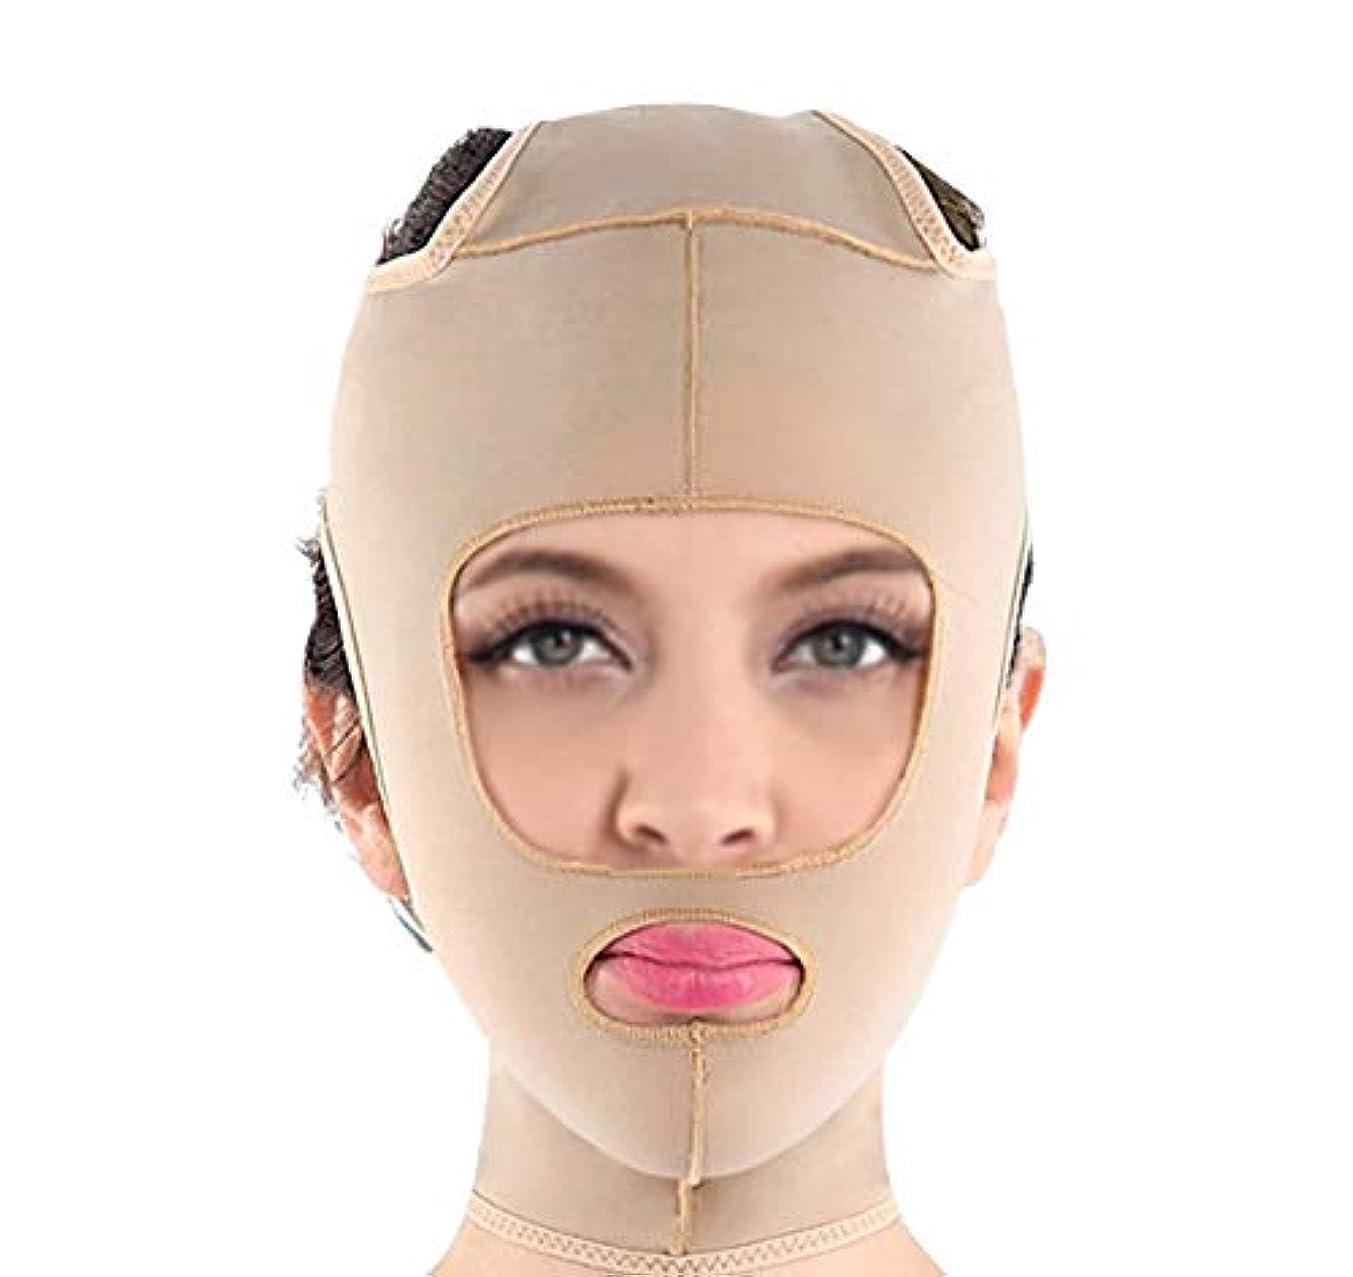 鋸歯状クランプ化粧フェイスリフティングマスクで肌をしっかりと保ち、顔の筋肉の垂れ下がりや顔の美しい輪郭の整形を防止します(サイズ:Xl),Xl